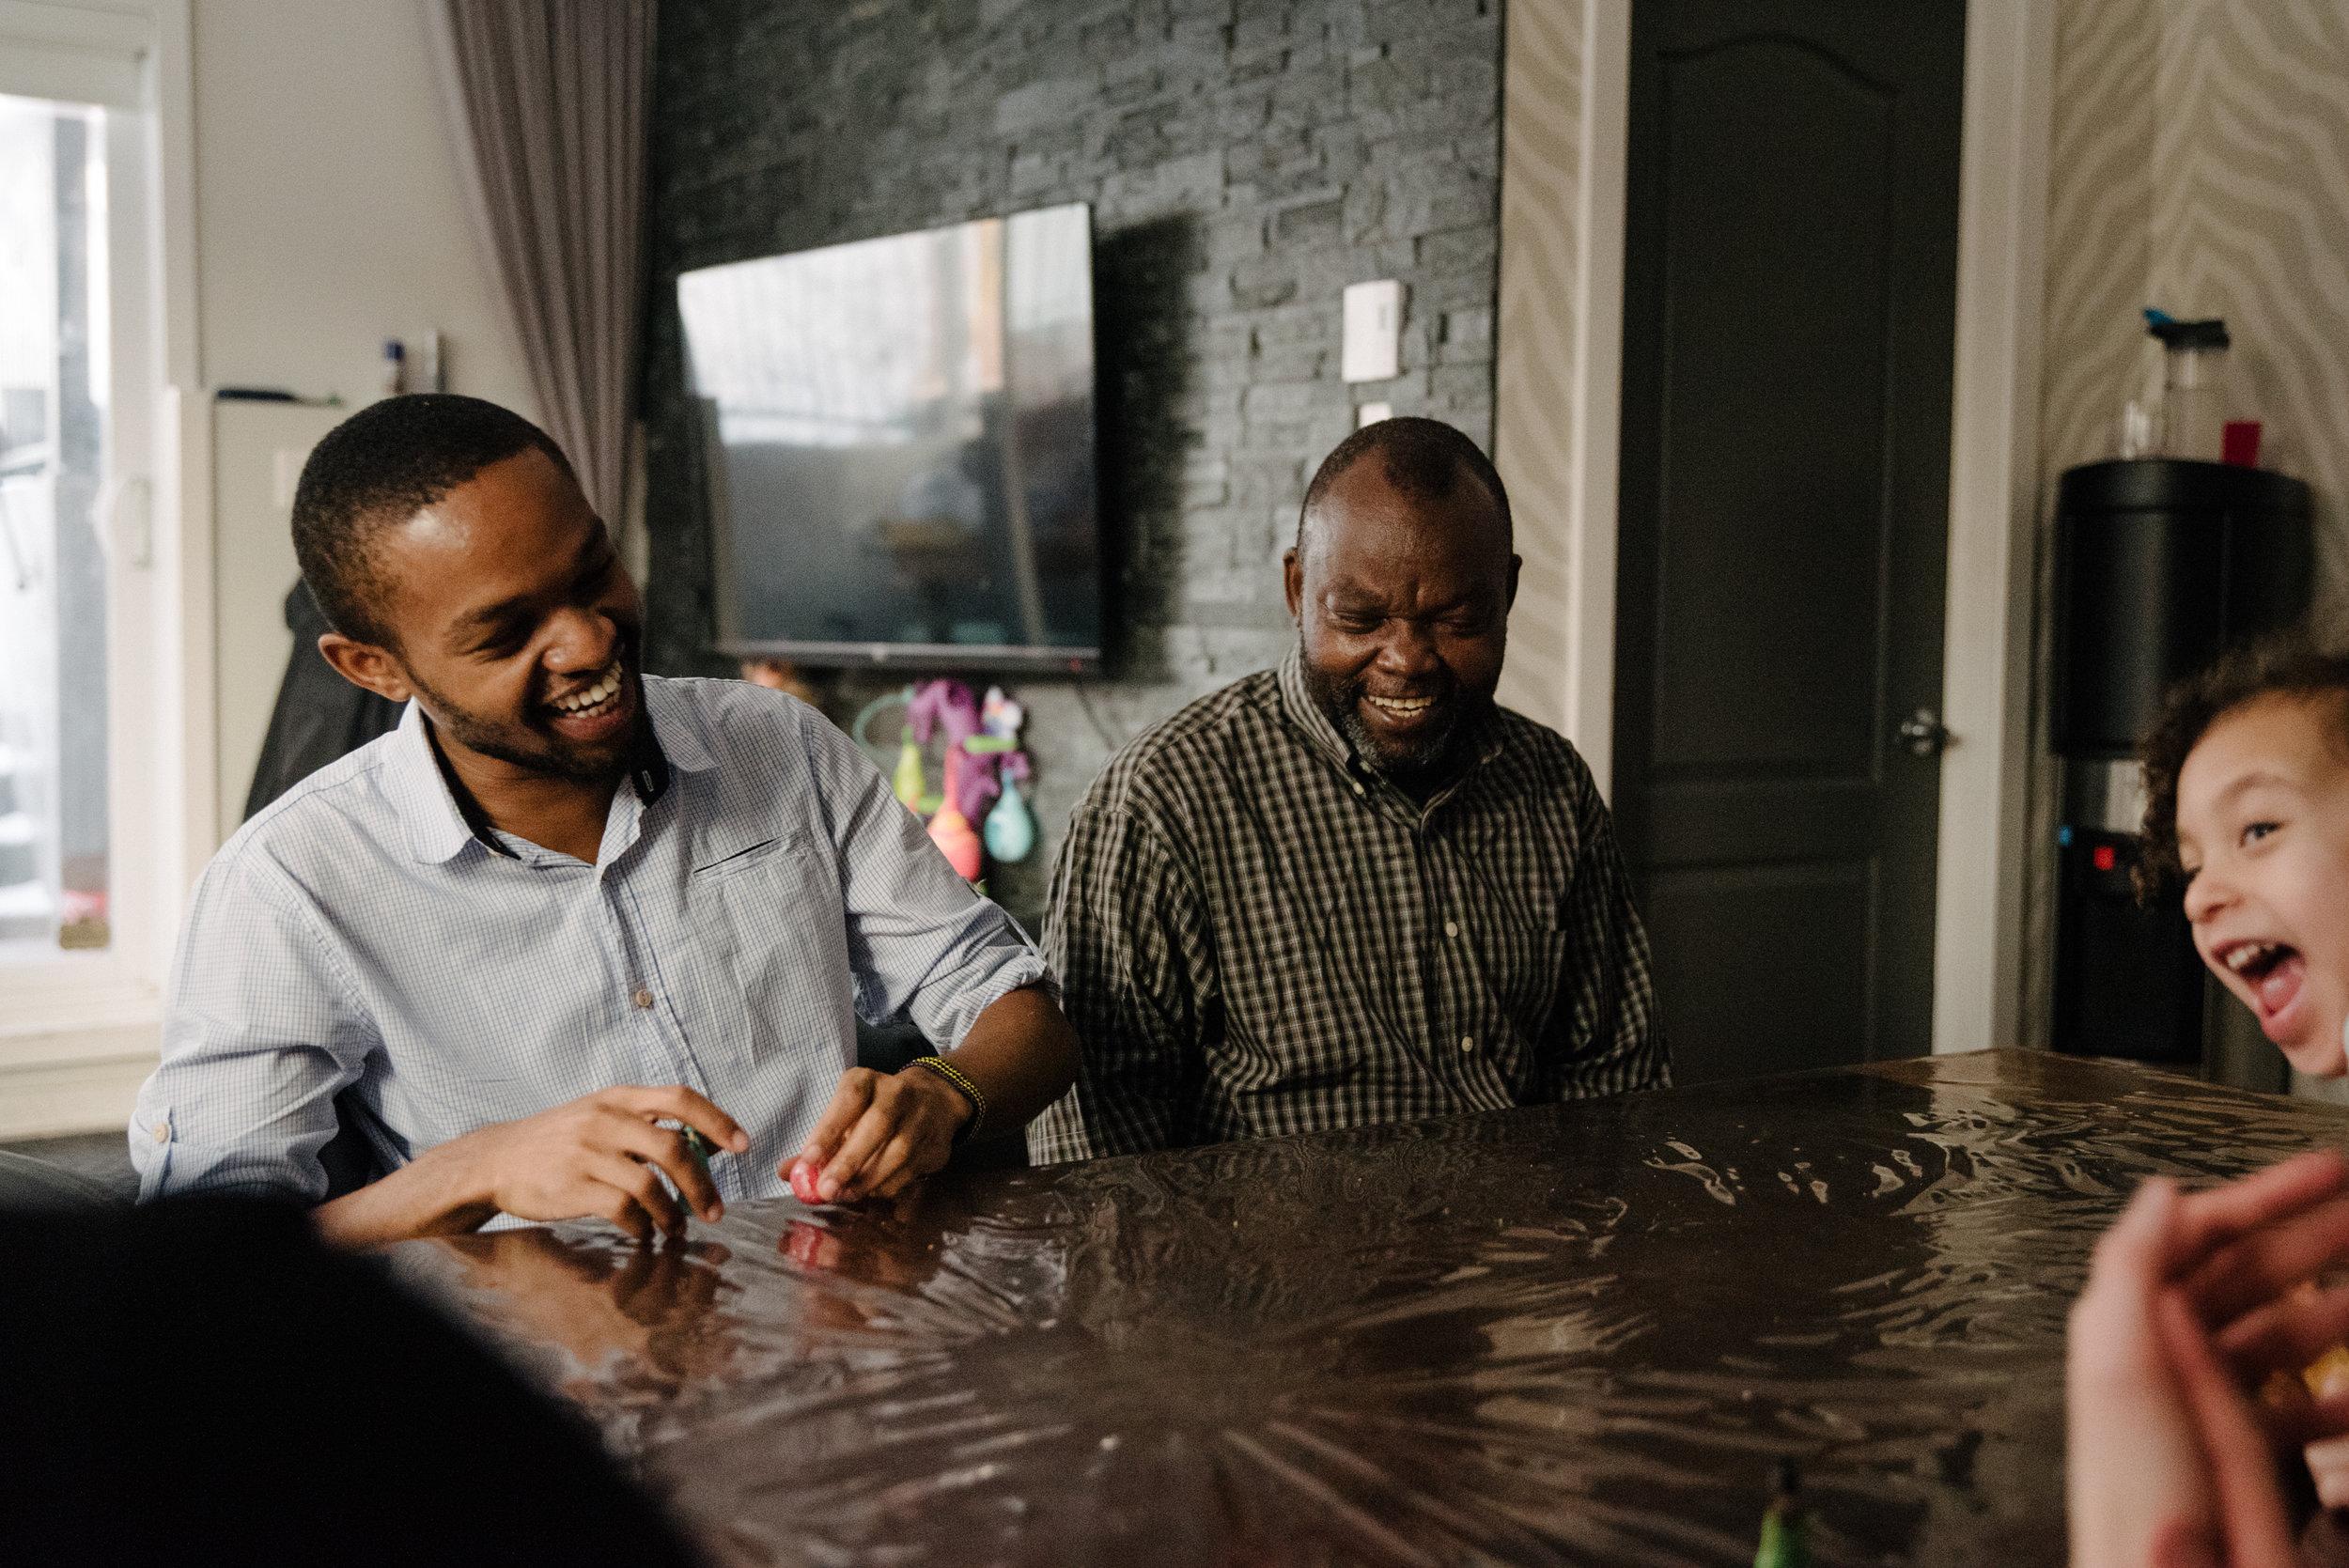 photo-de-soccer-sur-table-avec-des-poupees-photographe-de-famille-a-montreal-marianne-charland-996.jpg